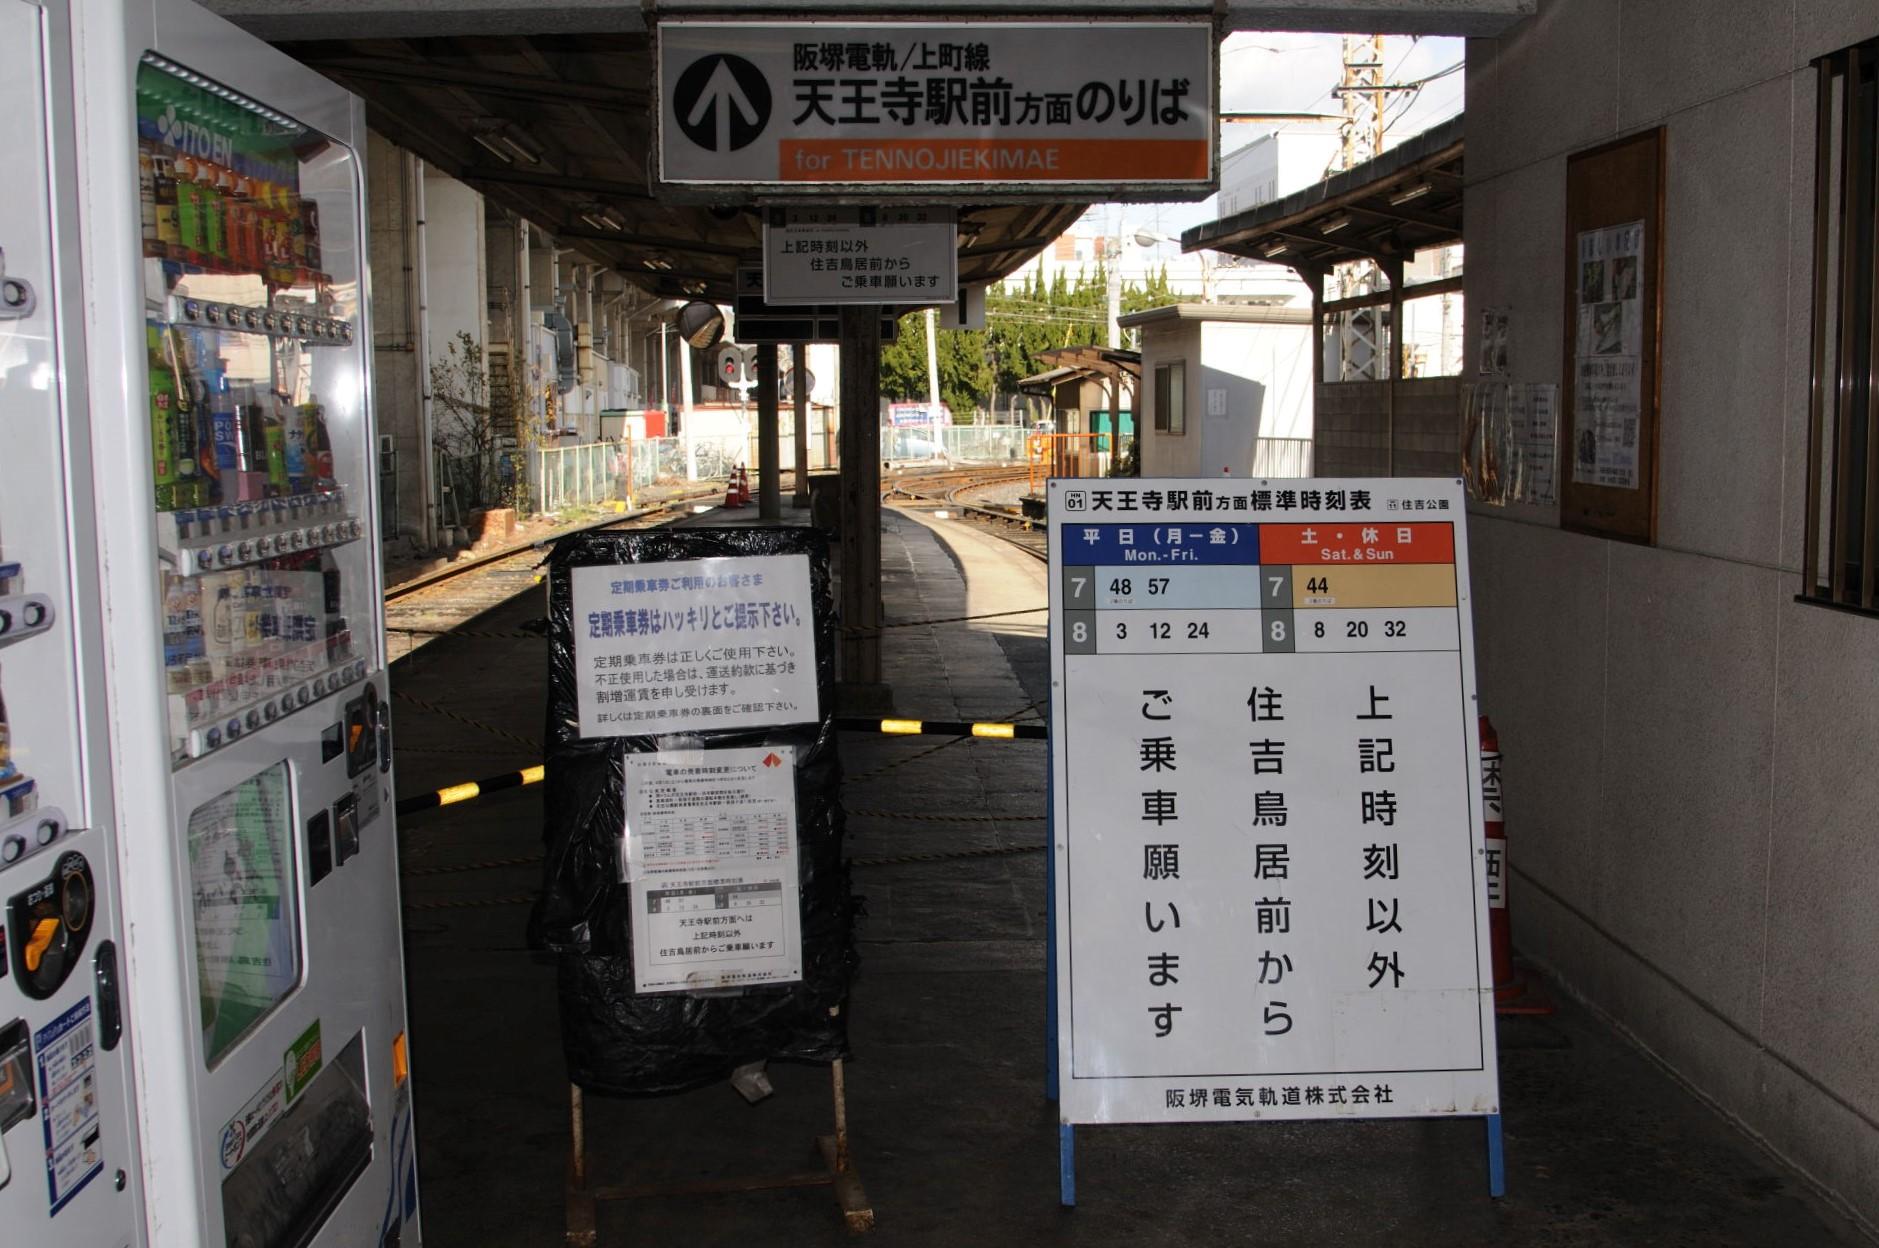 阪堺上町線の住吉公園駅を訪問